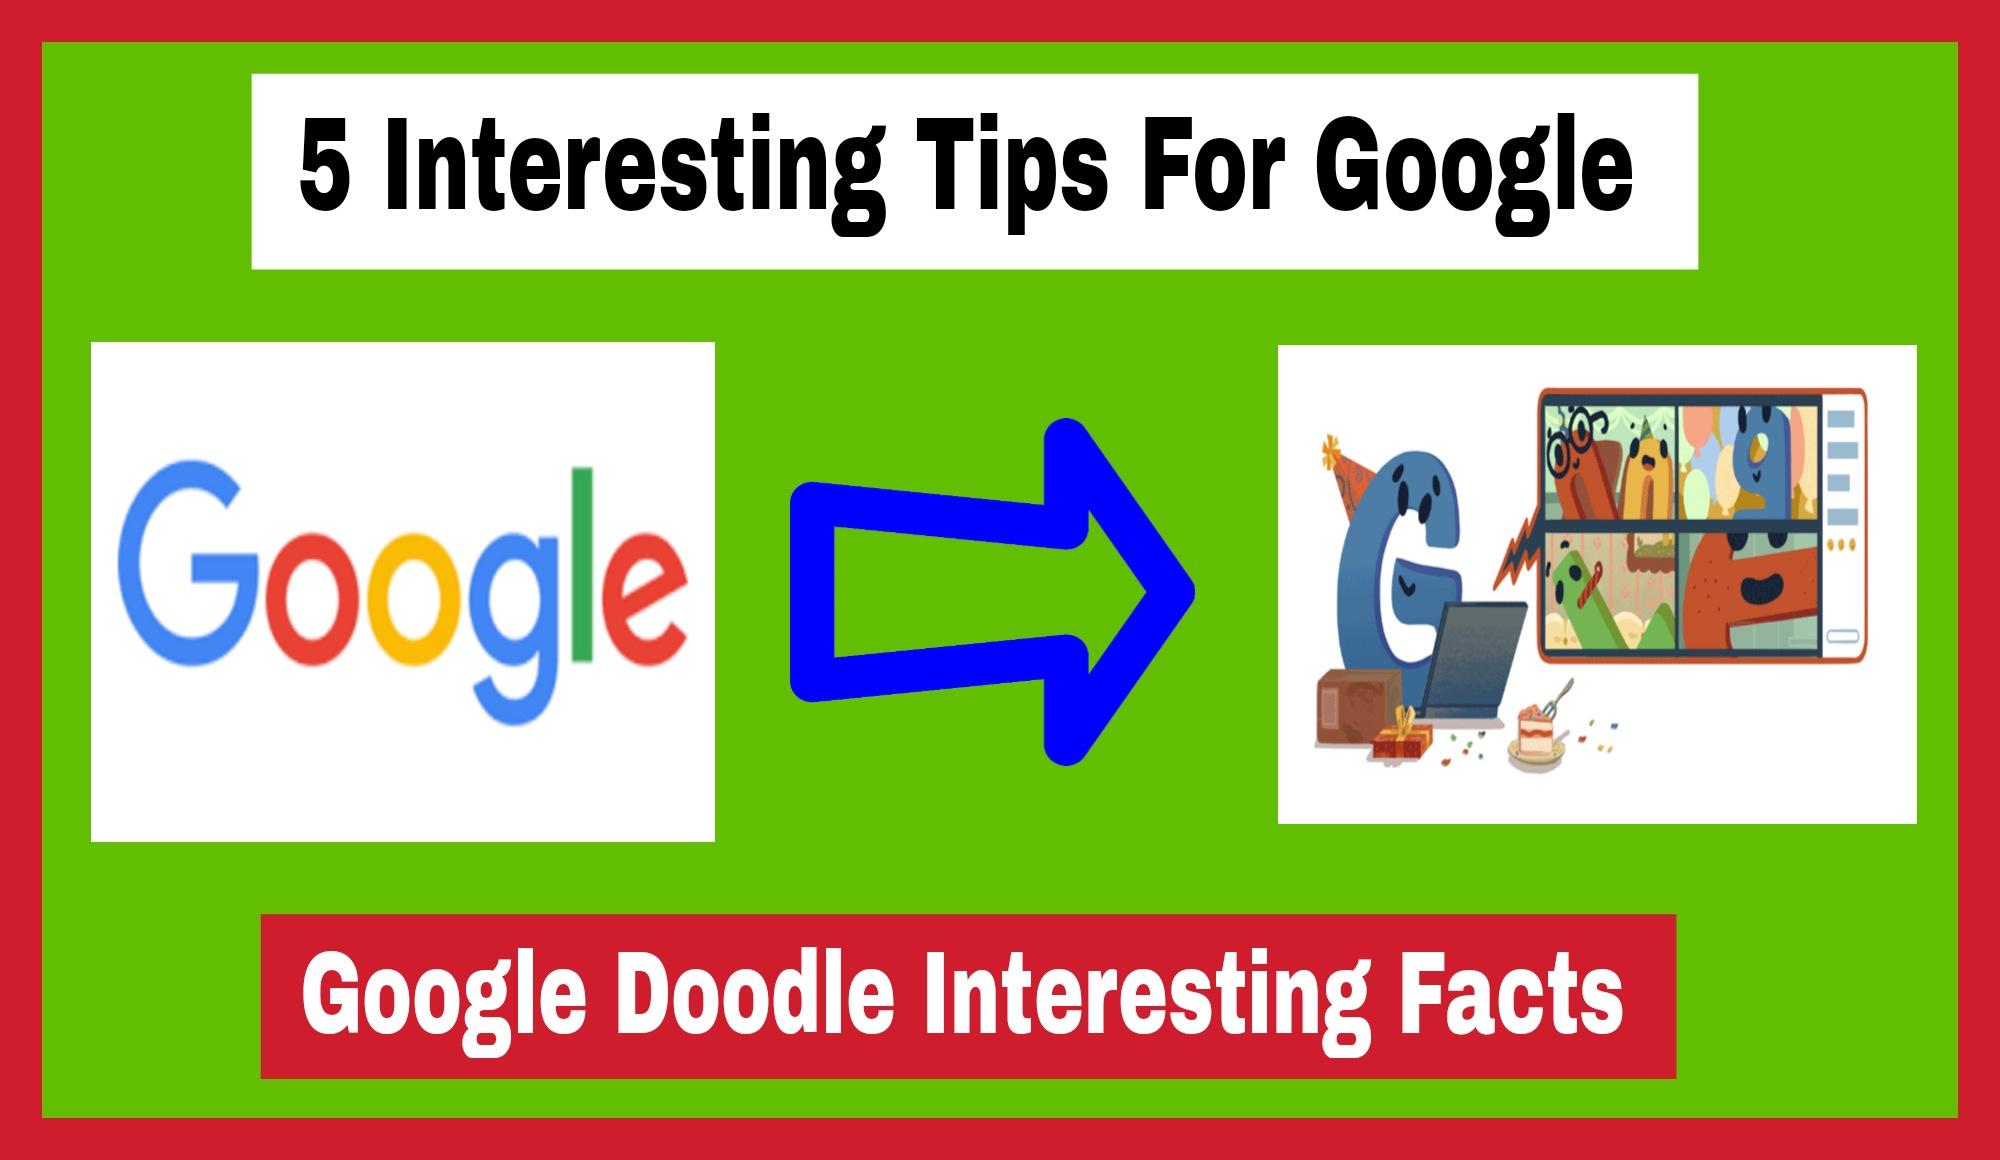 5 Interesting Tips For Google